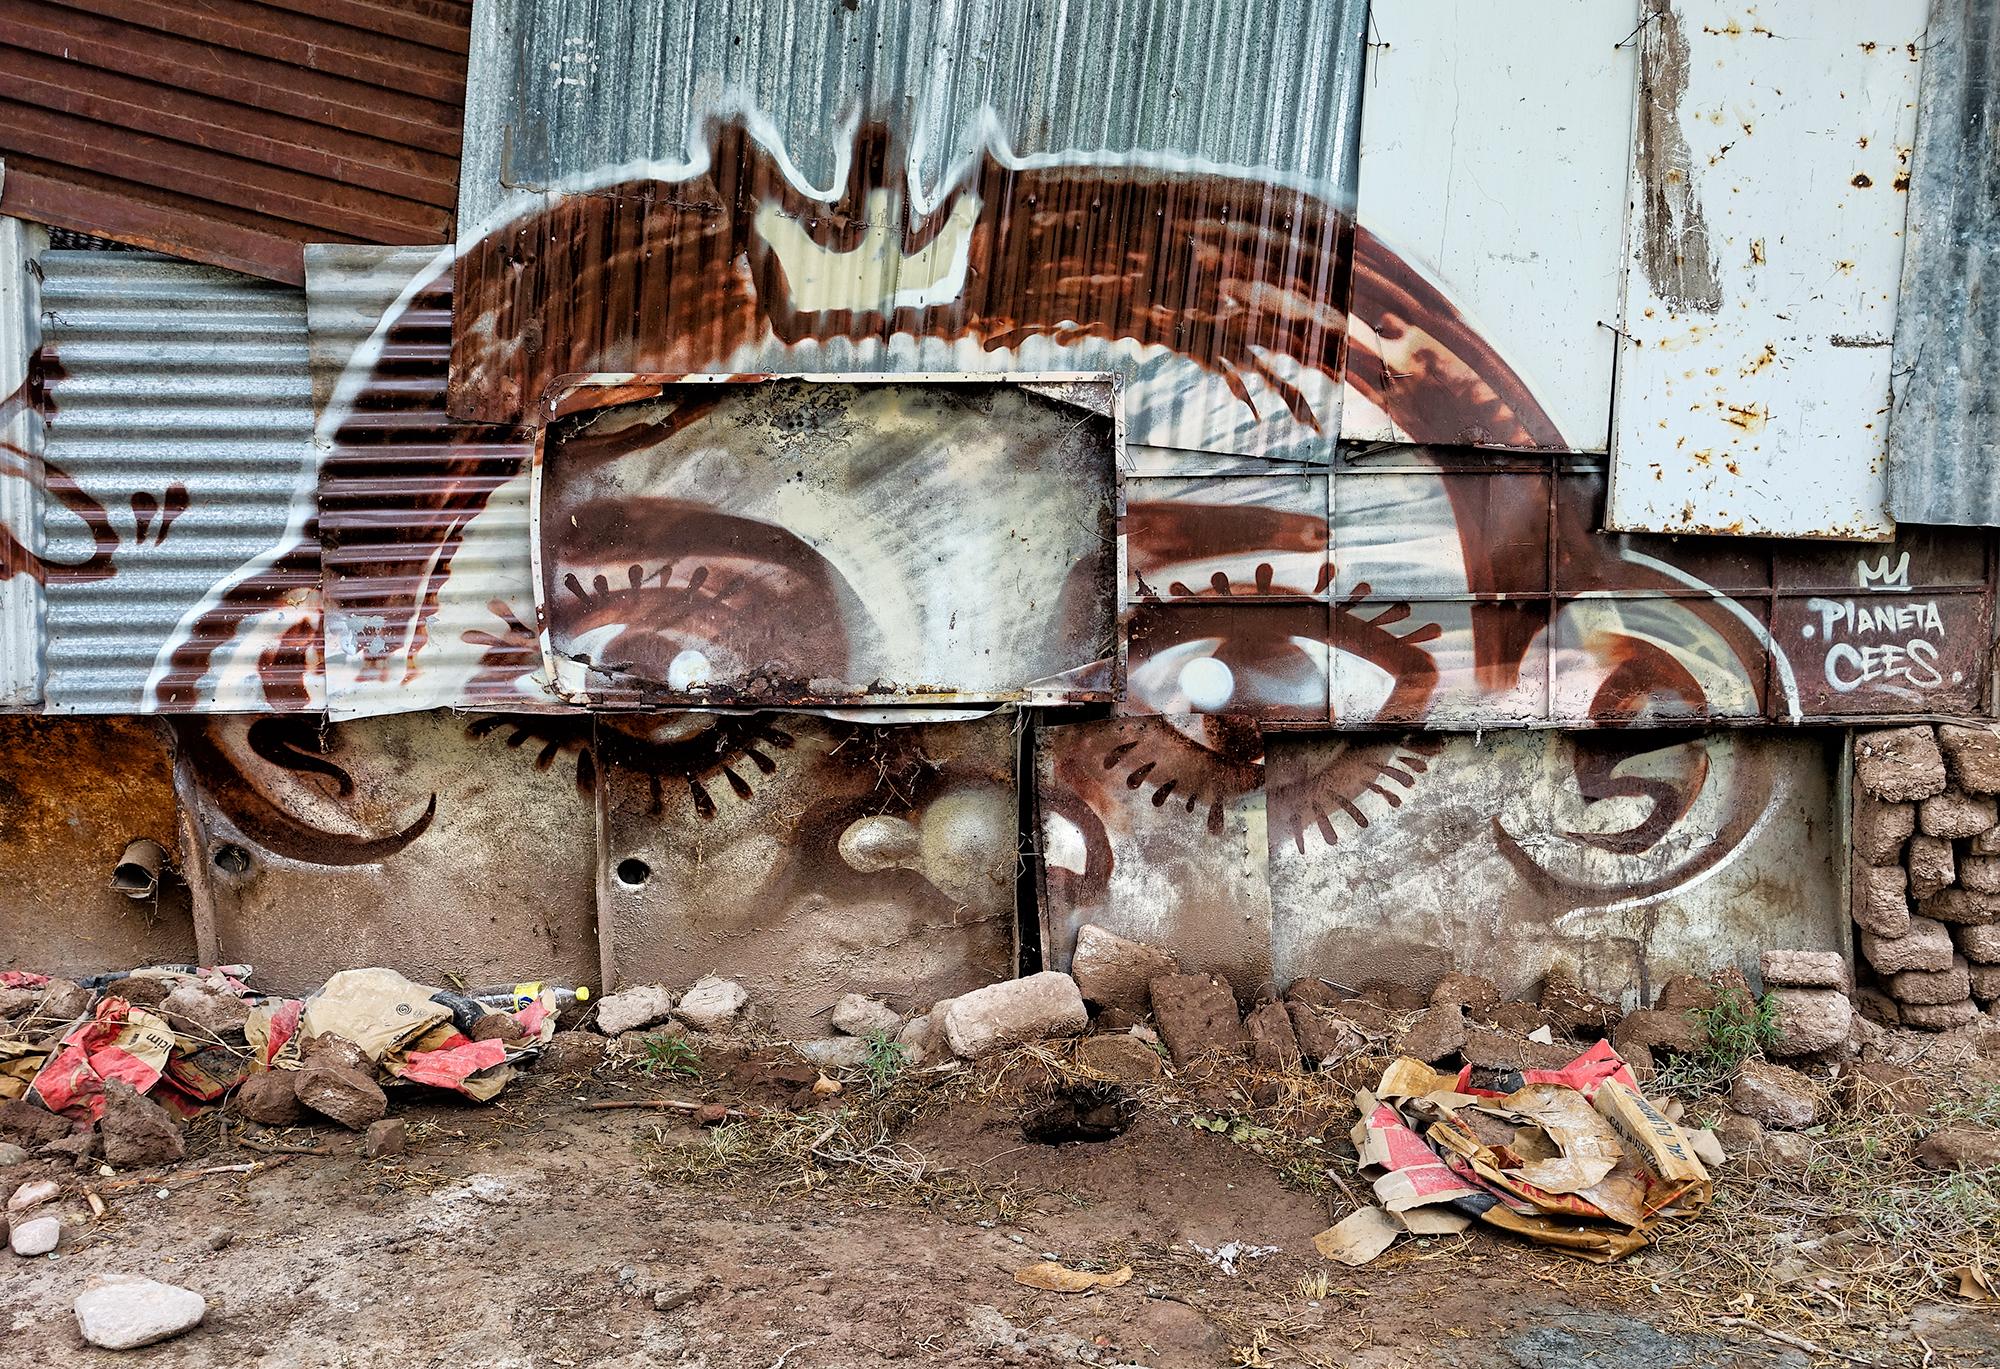 Humble Mural. Godoy Cruz, Mendoza, Argentina, 2016